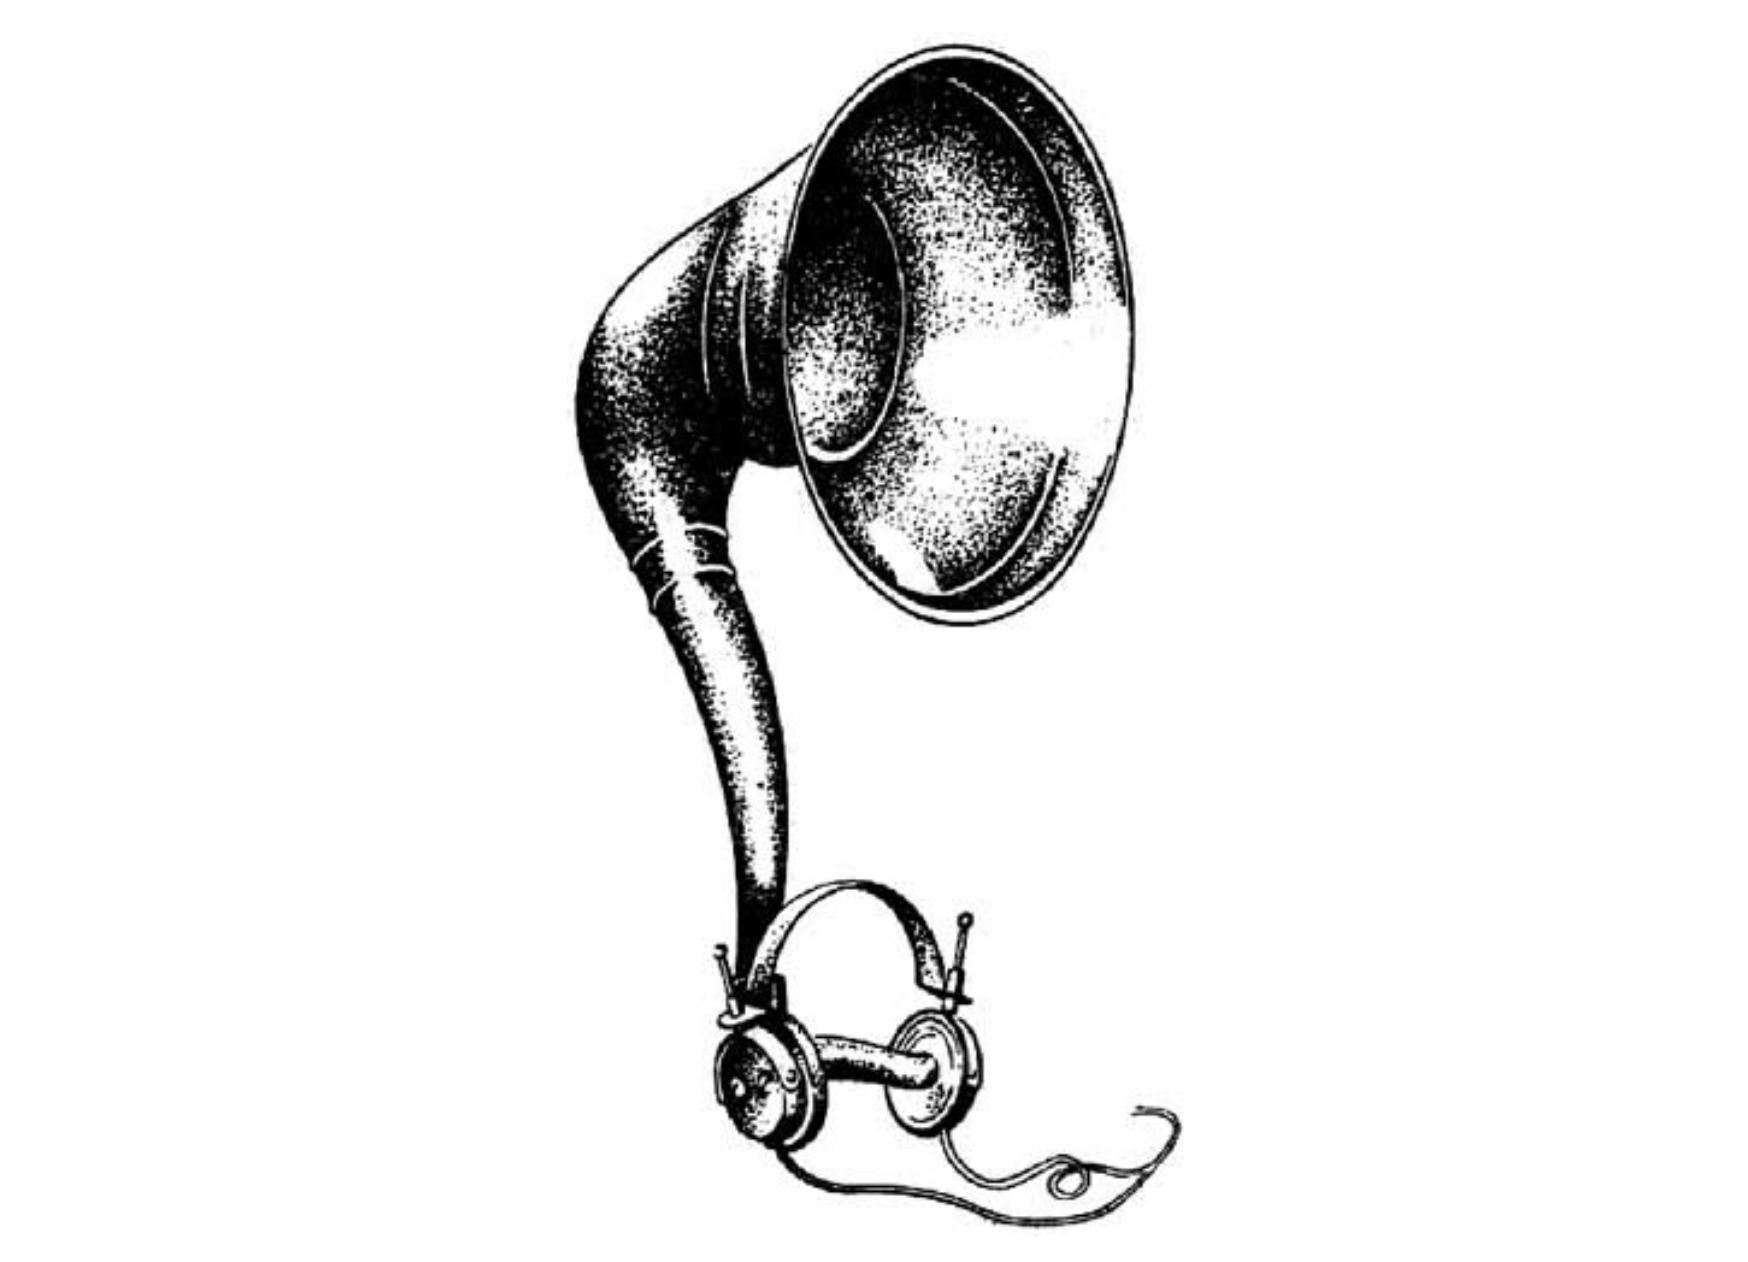 Horn loudspeaker 1925